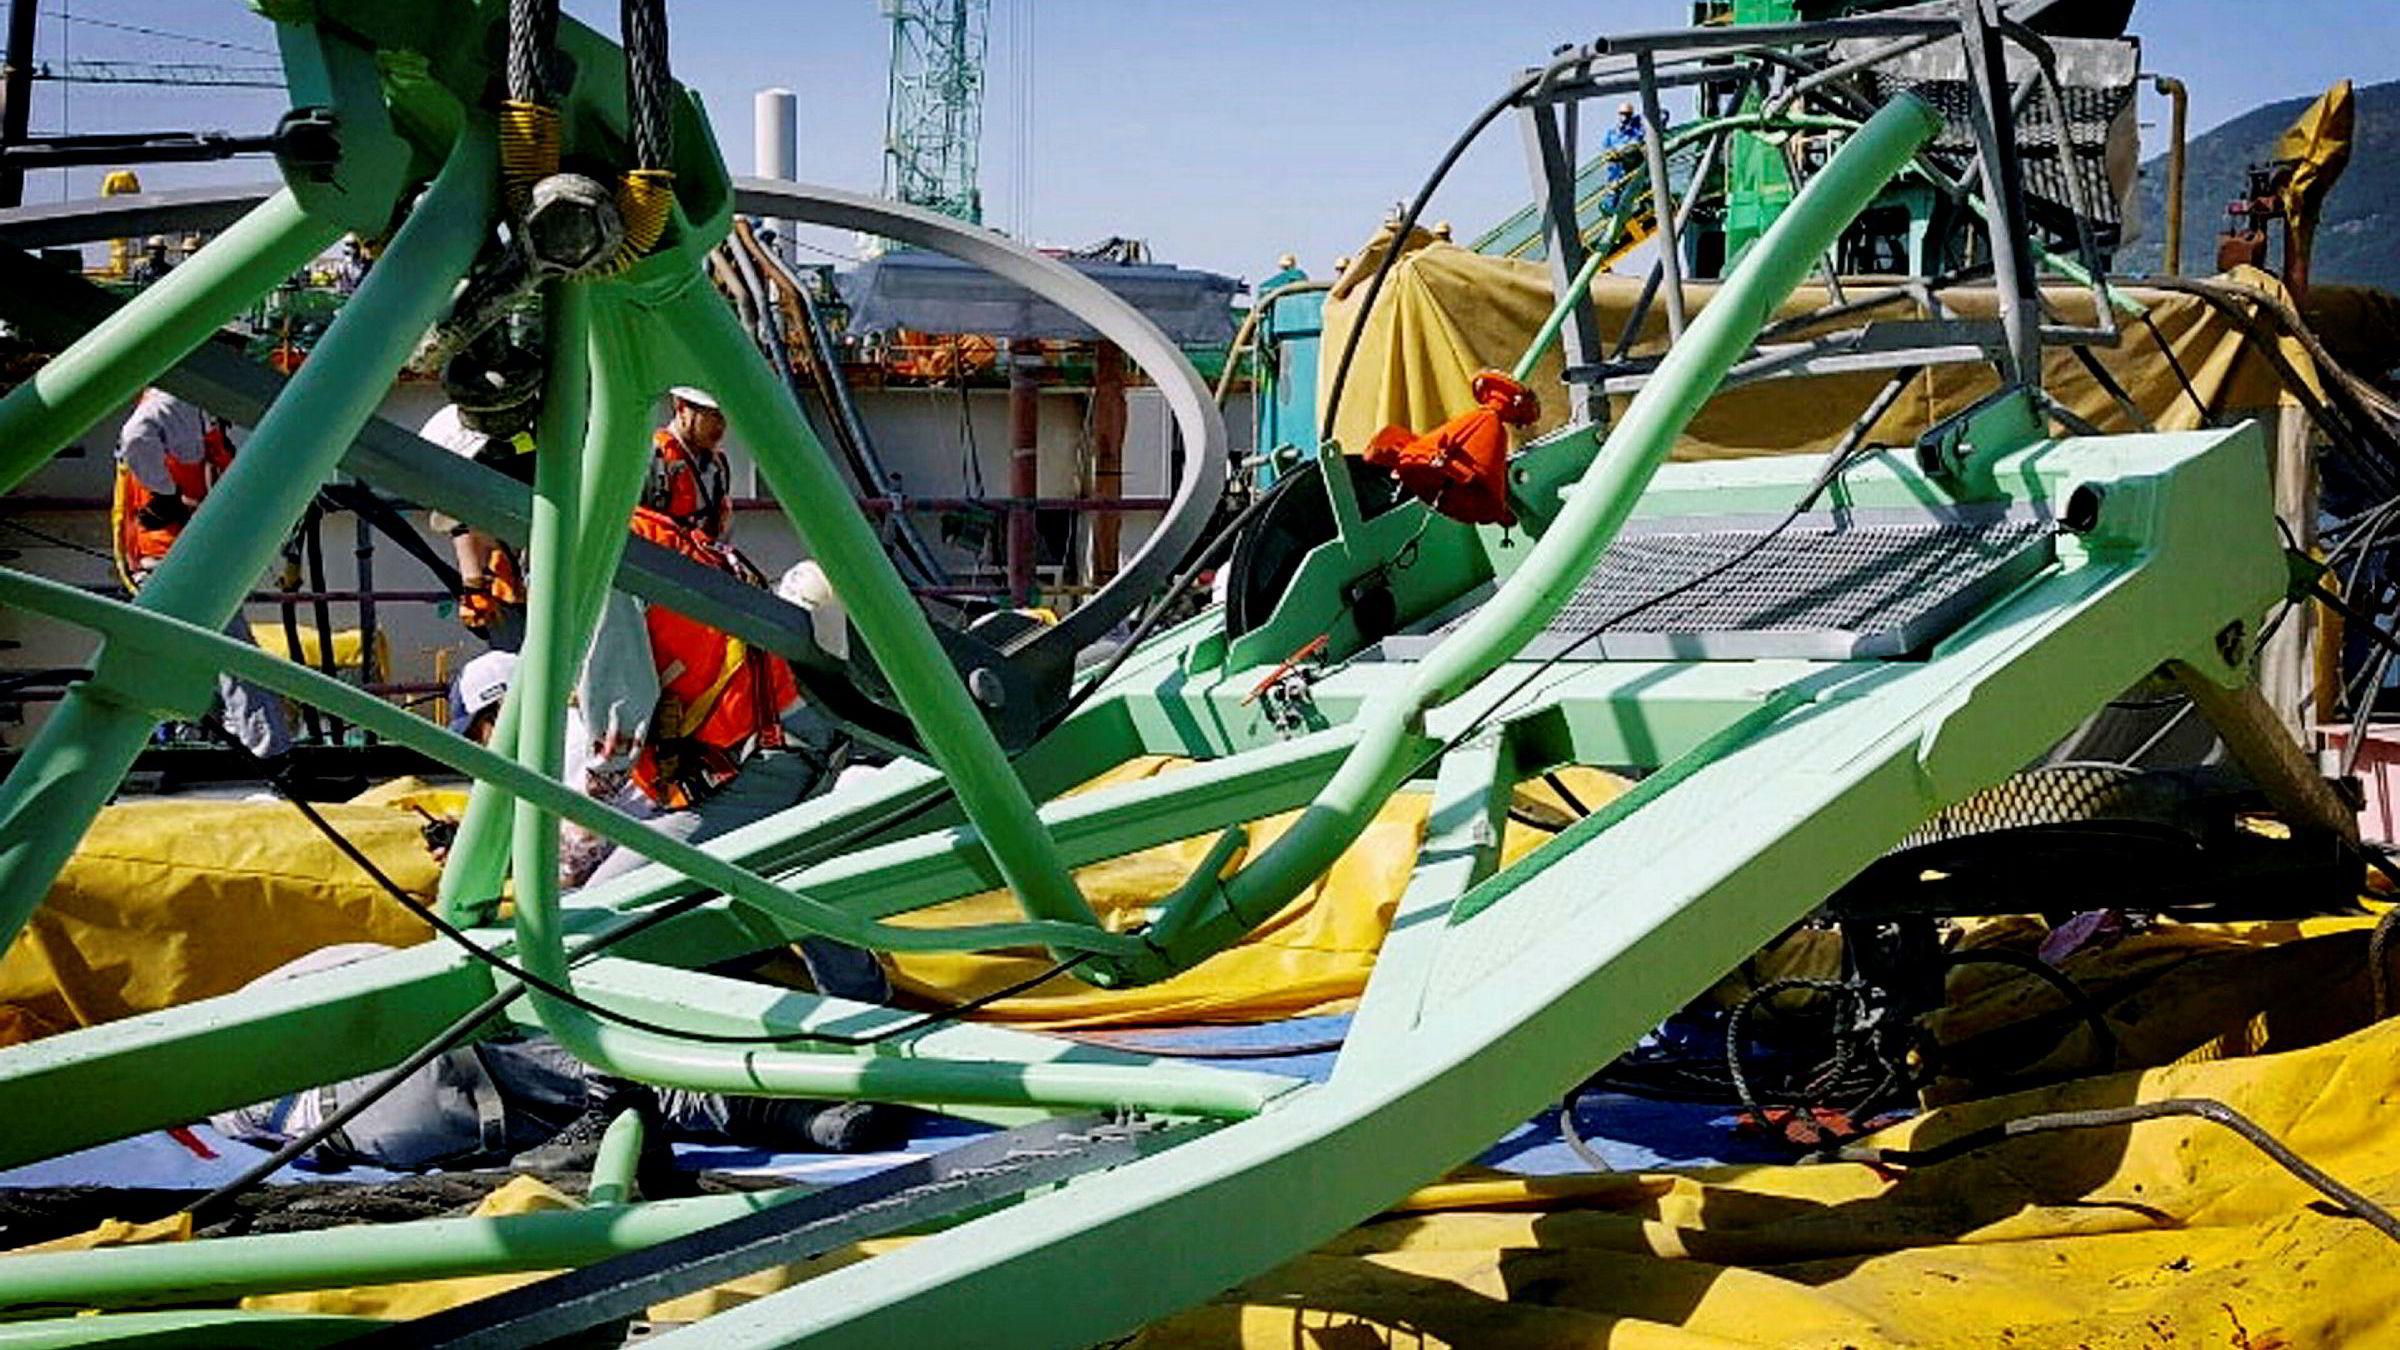 Minst seks mennesker mistet livet da en kran falt over dem på Samsung-verftet i Sør-Korea der den norske plattformen Martin Linge bygges.